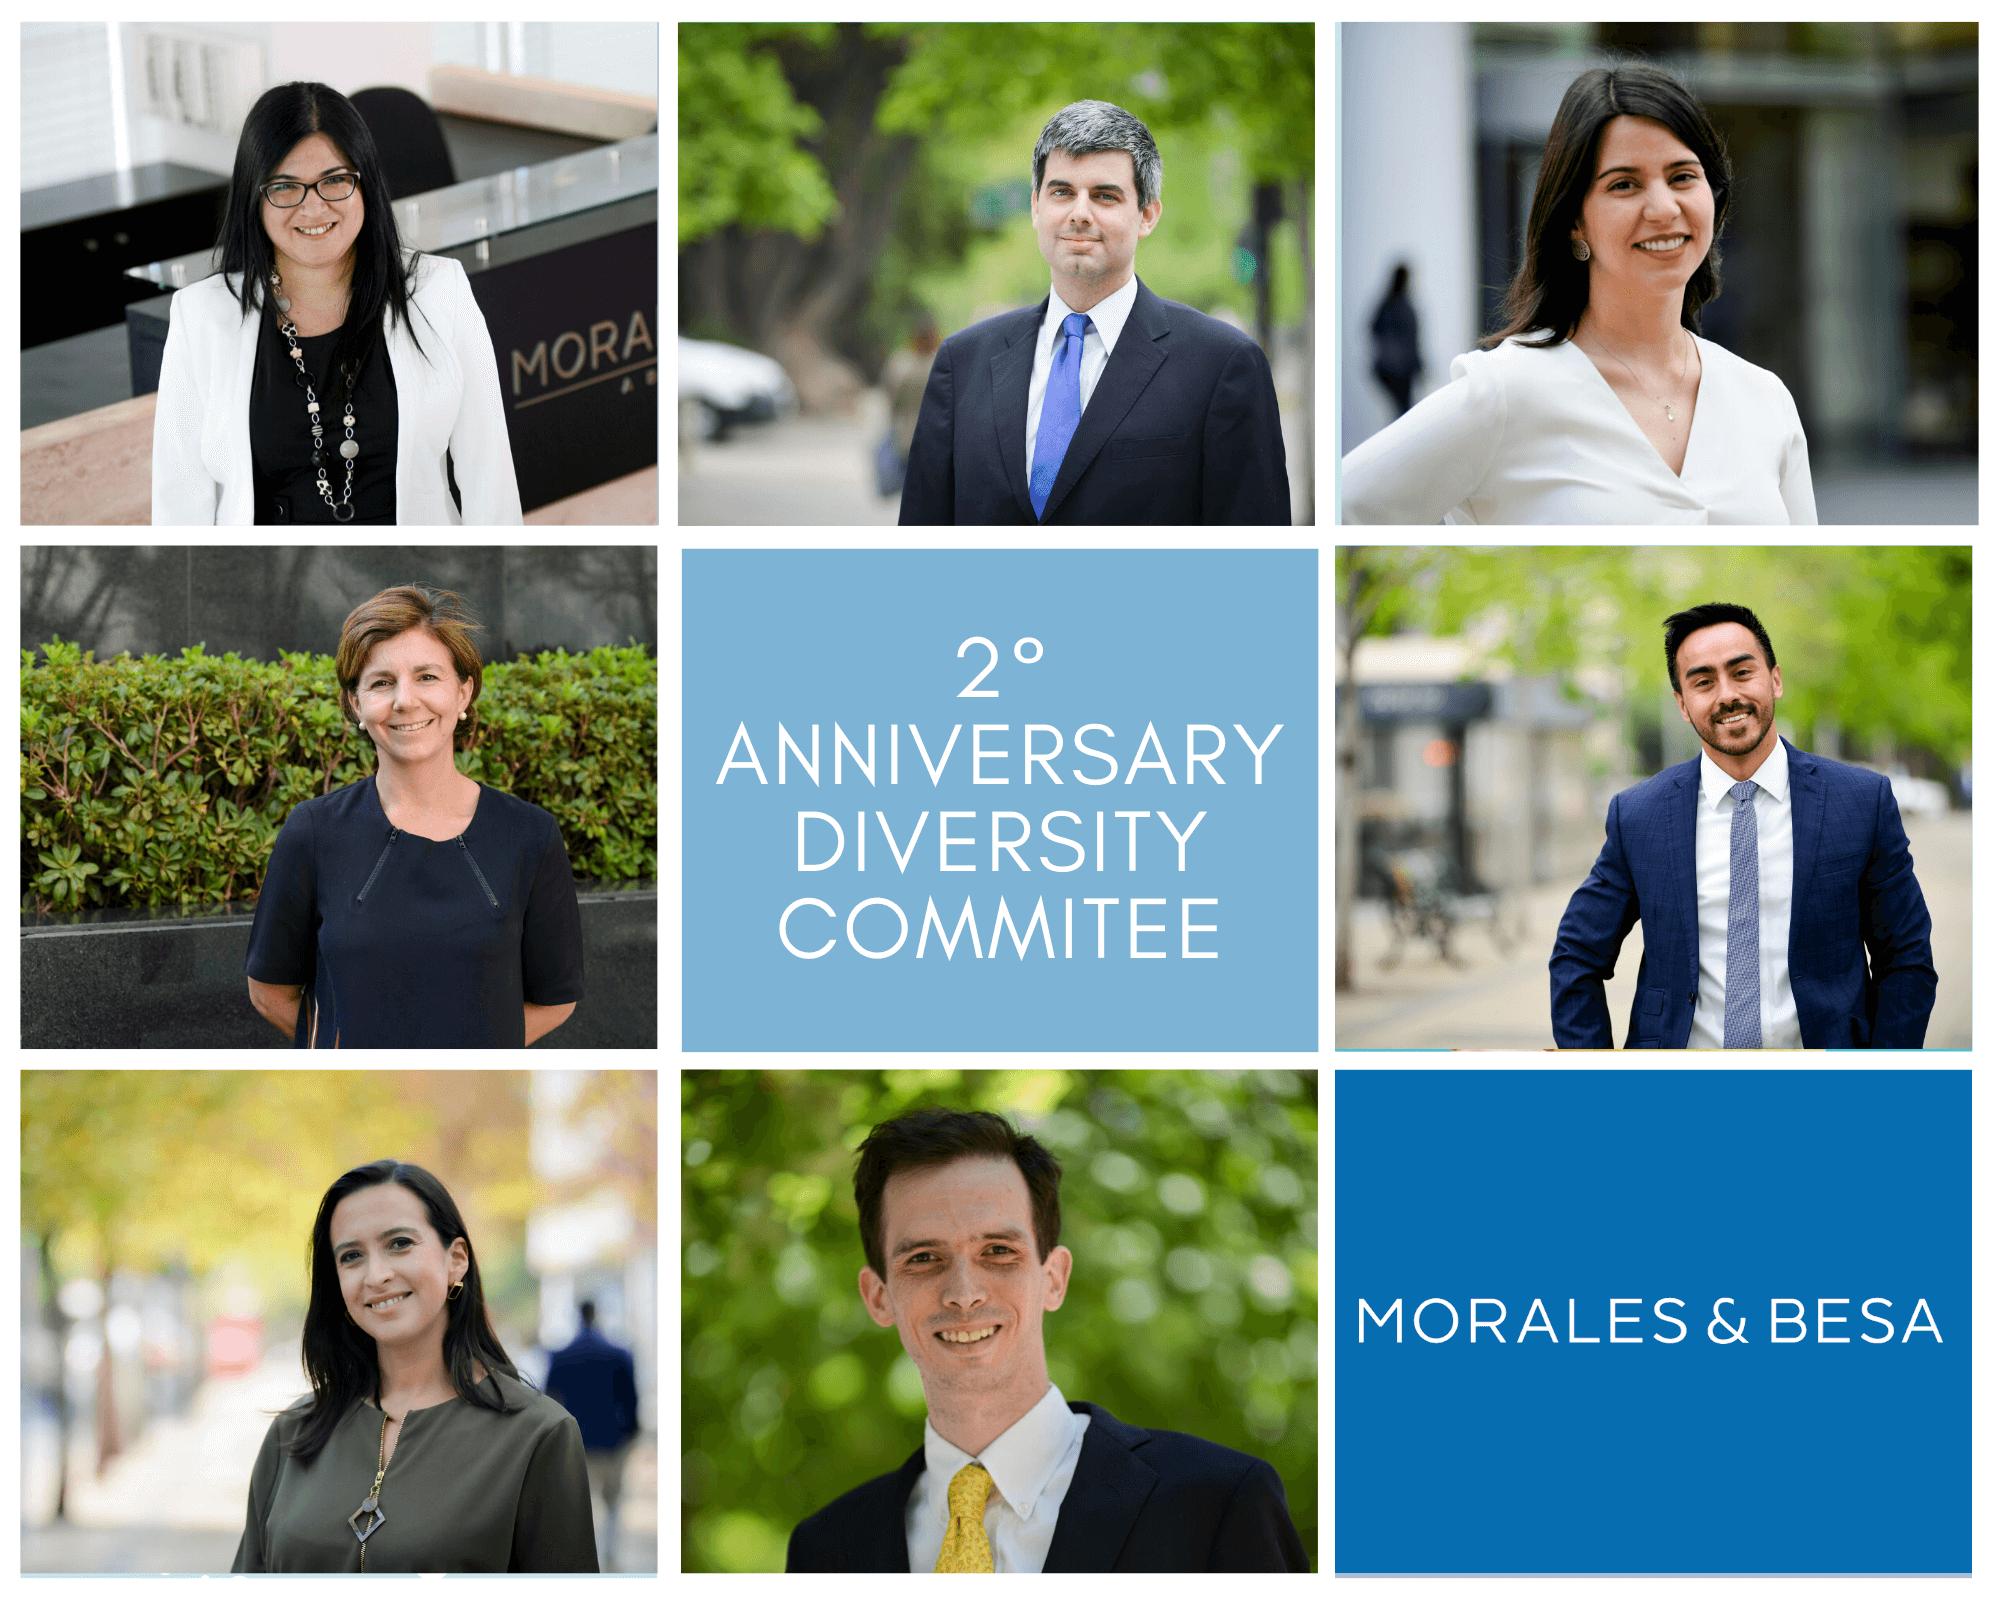 Comité de diversidad